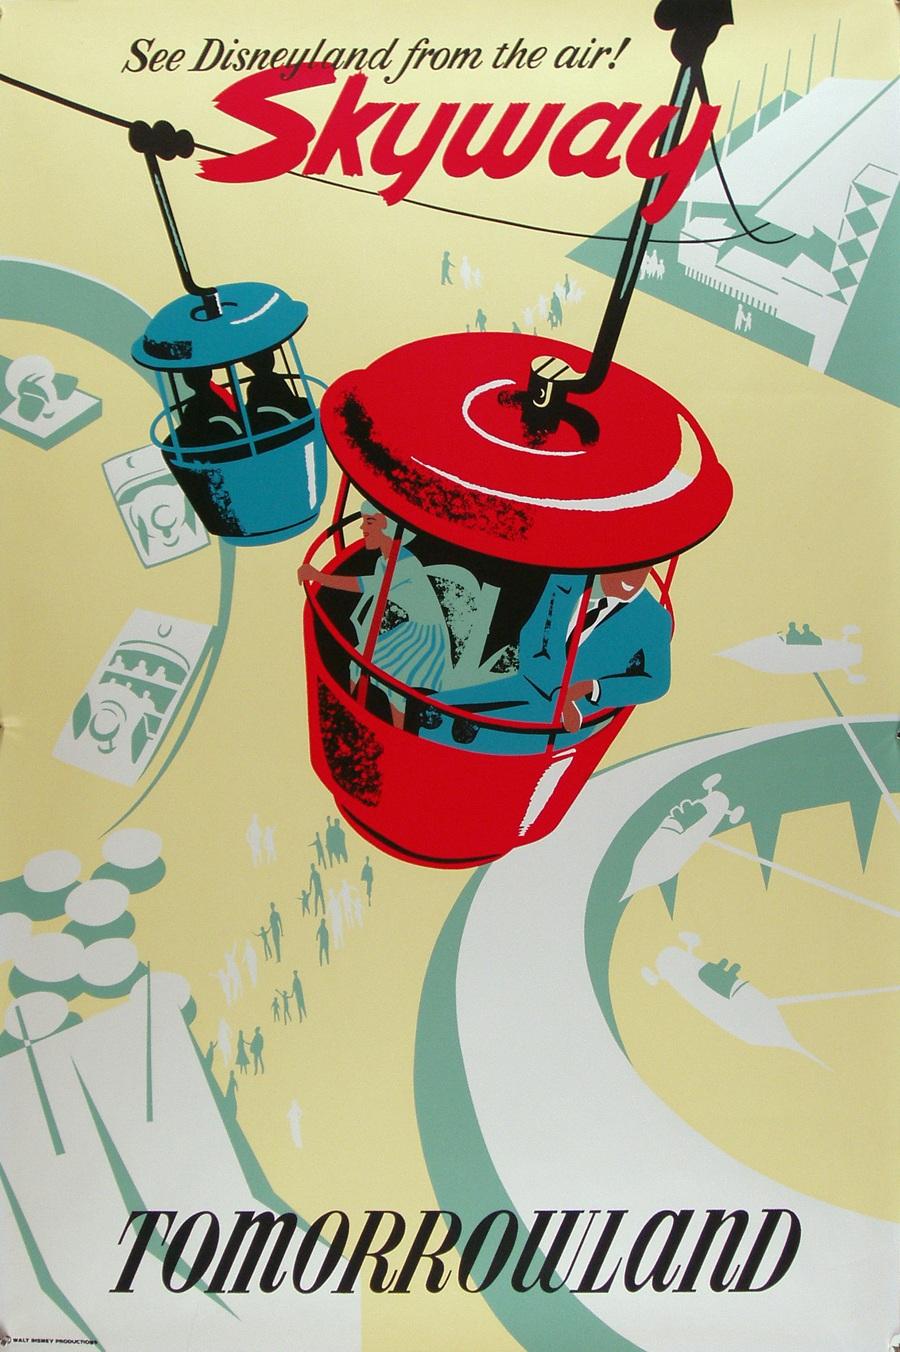 Affiches vintage pour Disneyland affiche vintage disneyland futuriste 05